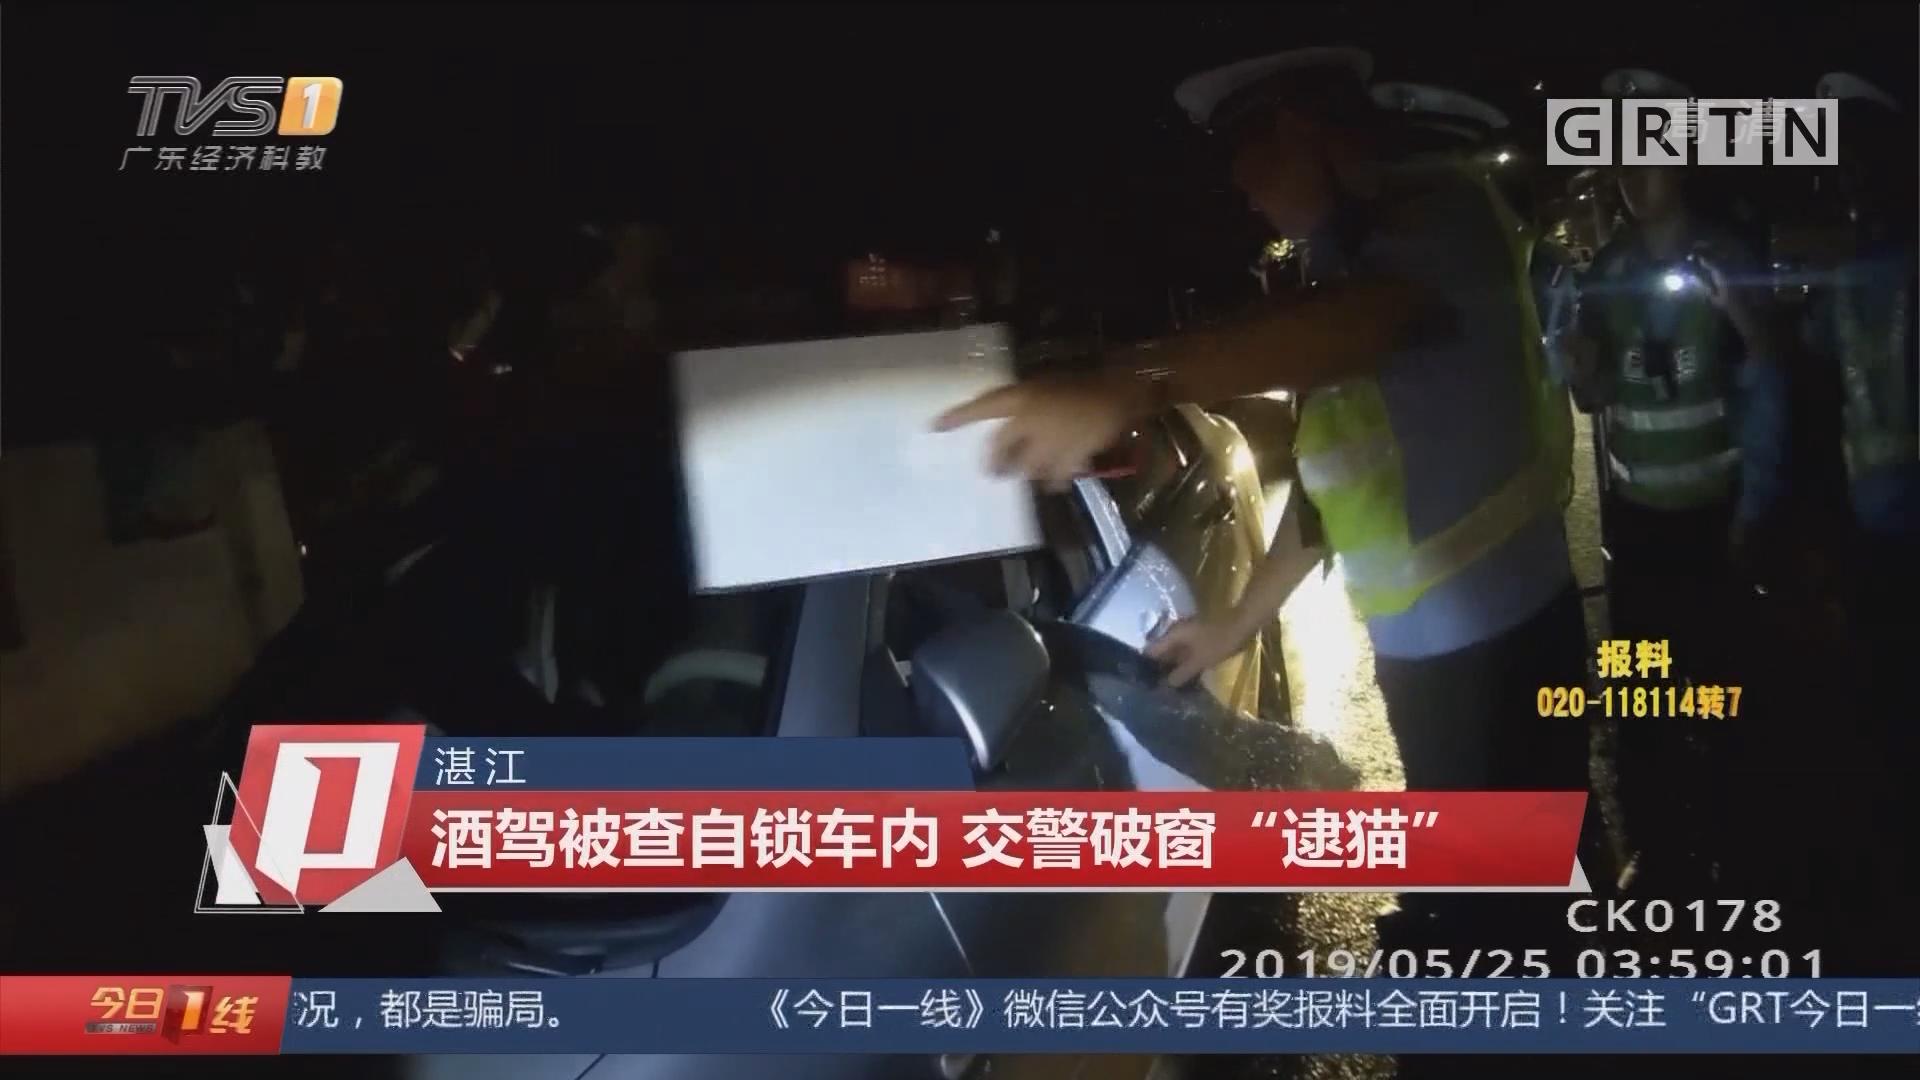 """湛江:酒駕被查自鎖車內 交警破窗""""逮貓"""""""